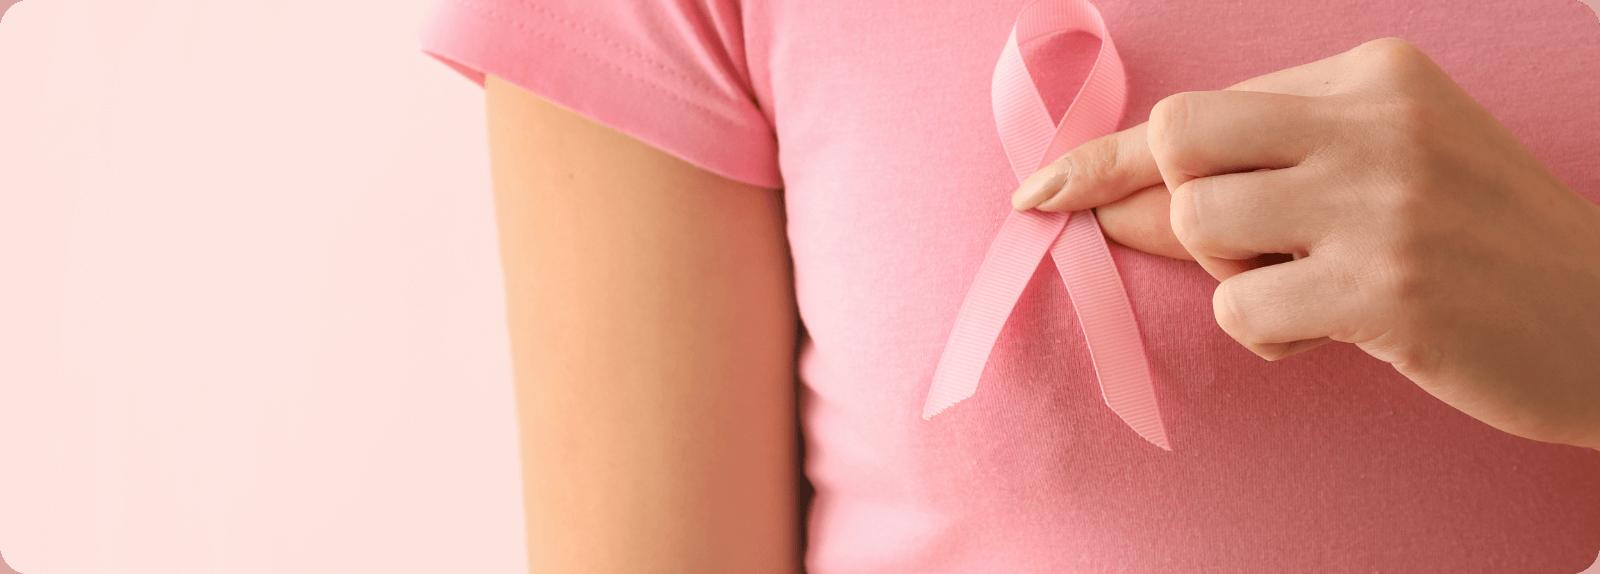 乳腺の病気